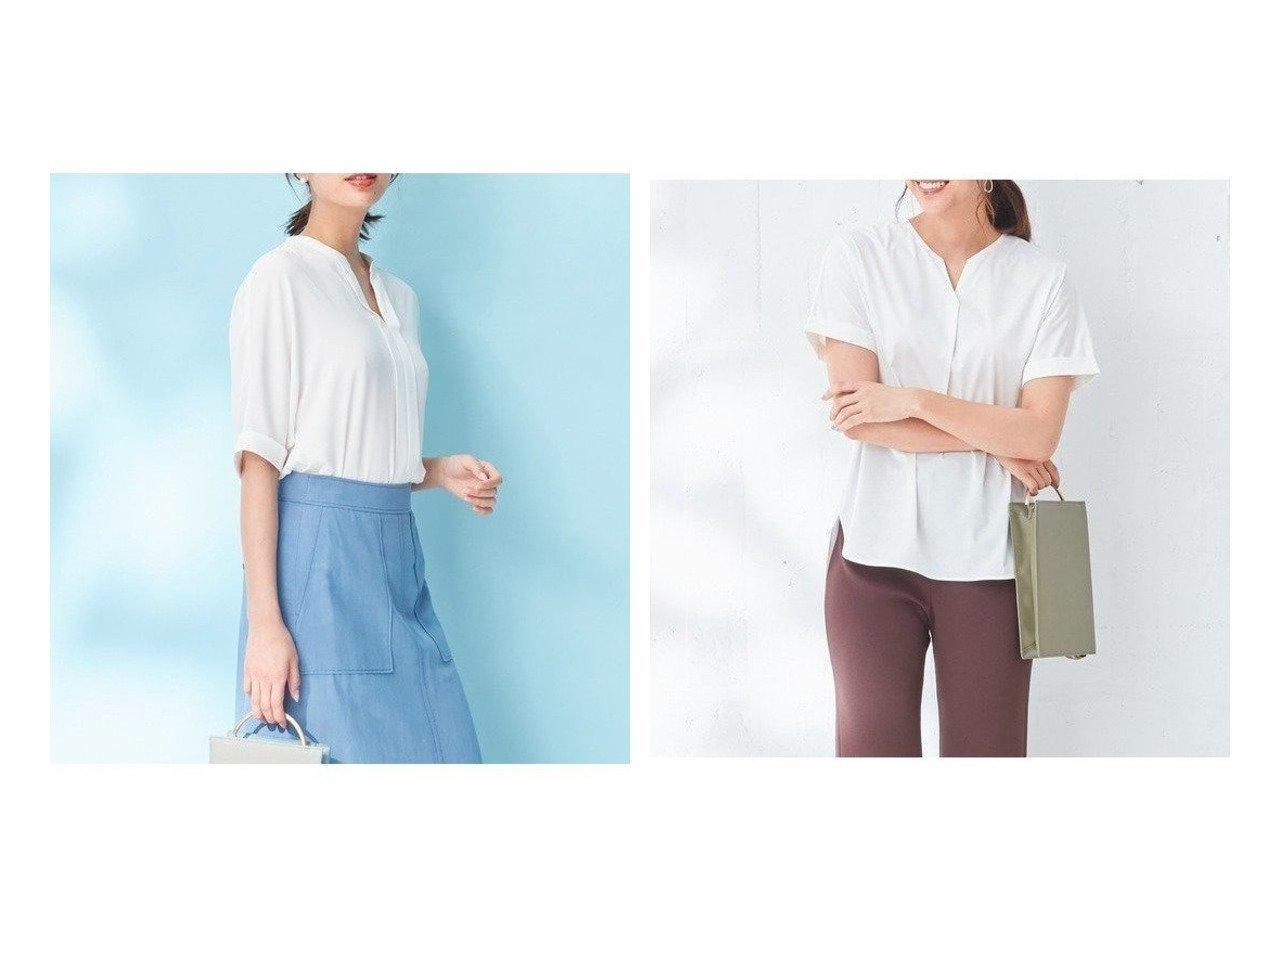 【iCB/アイシービー】のMulti Stripe ブラウス&Compact Plating カットソー トップス・カットソーのおすすめ!人気、トレンド・レディースファッションの通販 おすすめで人気の流行・トレンド、ファッションの通販商品 メンズファッション・キッズファッション・インテリア・家具・レディースファッション・服の通販 founy(ファニー) https://founy.com/ ファッション Fashion レディースファッション WOMEN トップス Tops Tshirt シャツ/ブラウス Shirts Blouses カットソー Cut and Sewn 春 Spring 秋 Autumn/Fall ガーリー クール スタイリッシュ ストライプ ドット 定番 Standard ベーシック ボトム 無地 送料無料 Free Shipping |ID:crp329100000012623